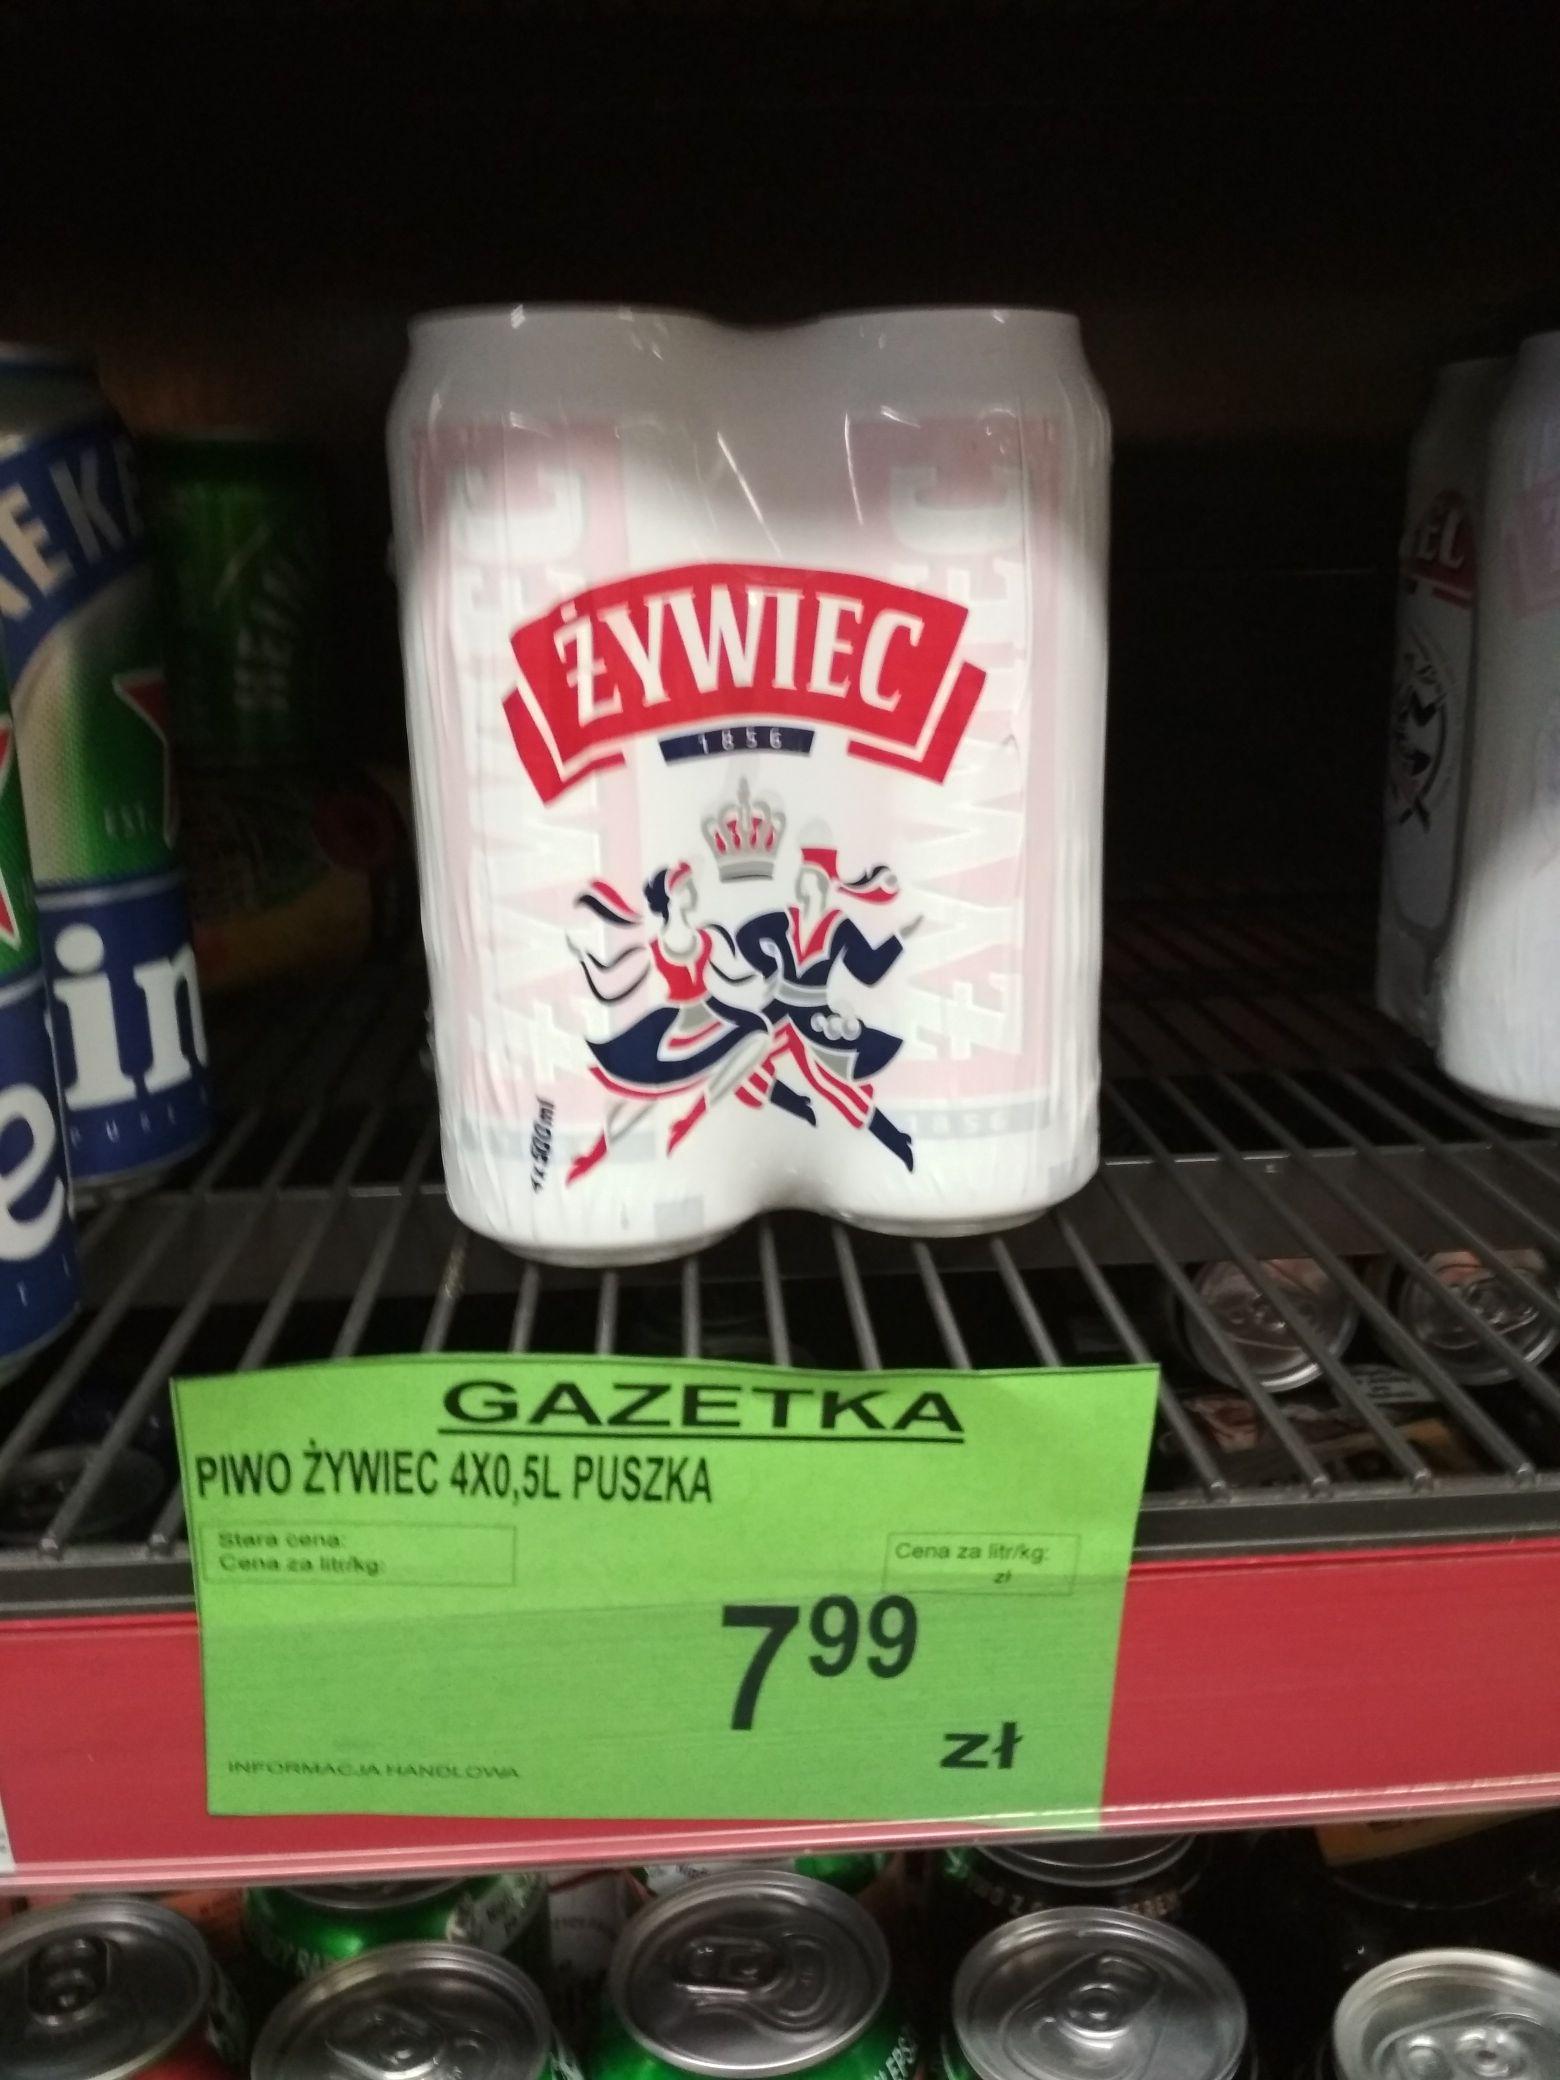 Piwo Żywiec, czteropak. Spar